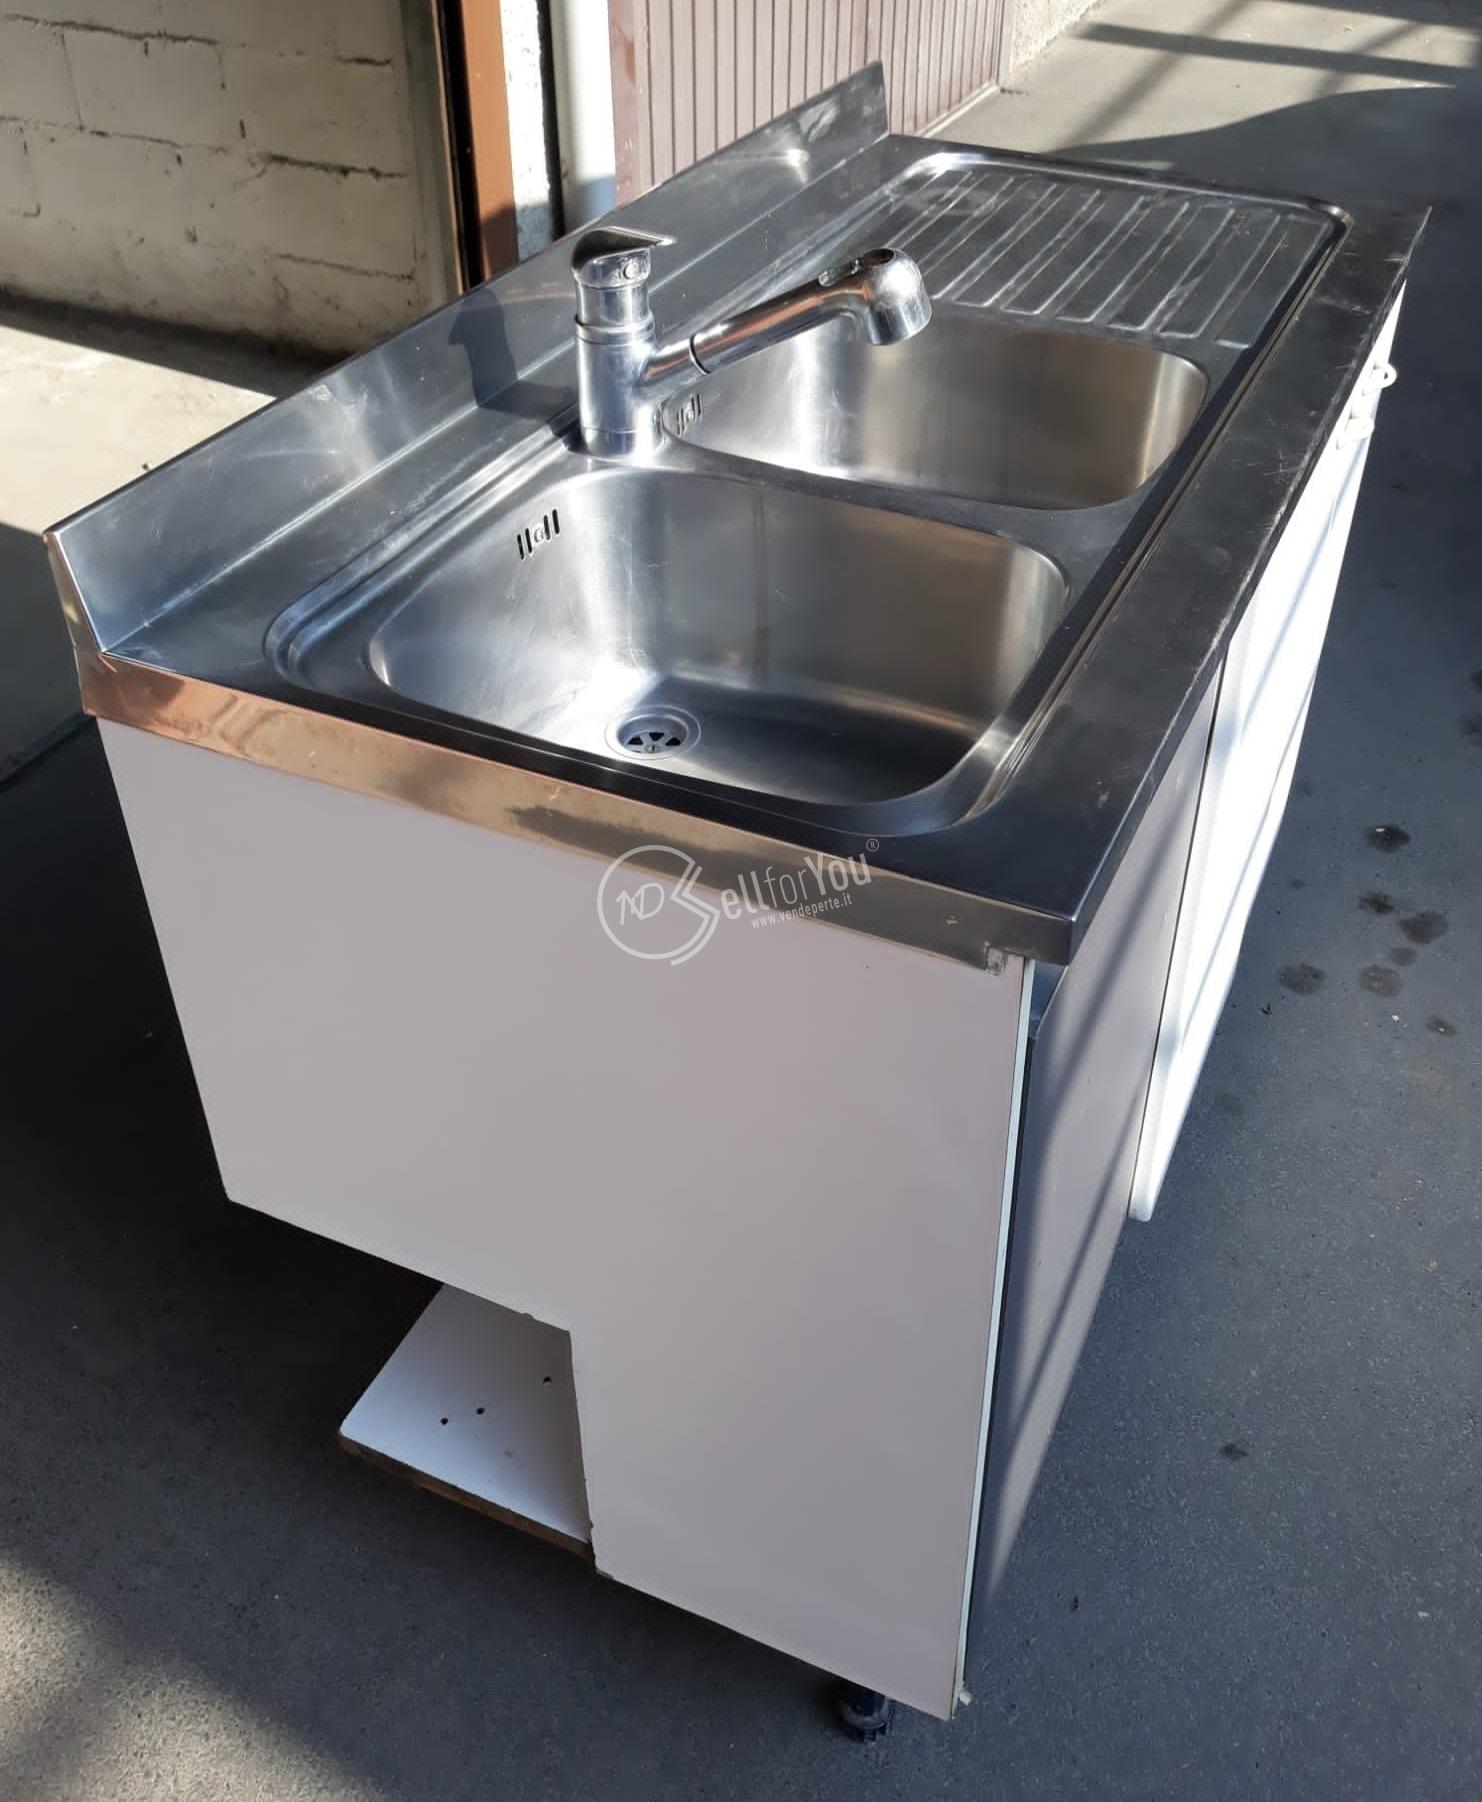 sellforyou immagine articolo Lavello in acciaio inox due vasche